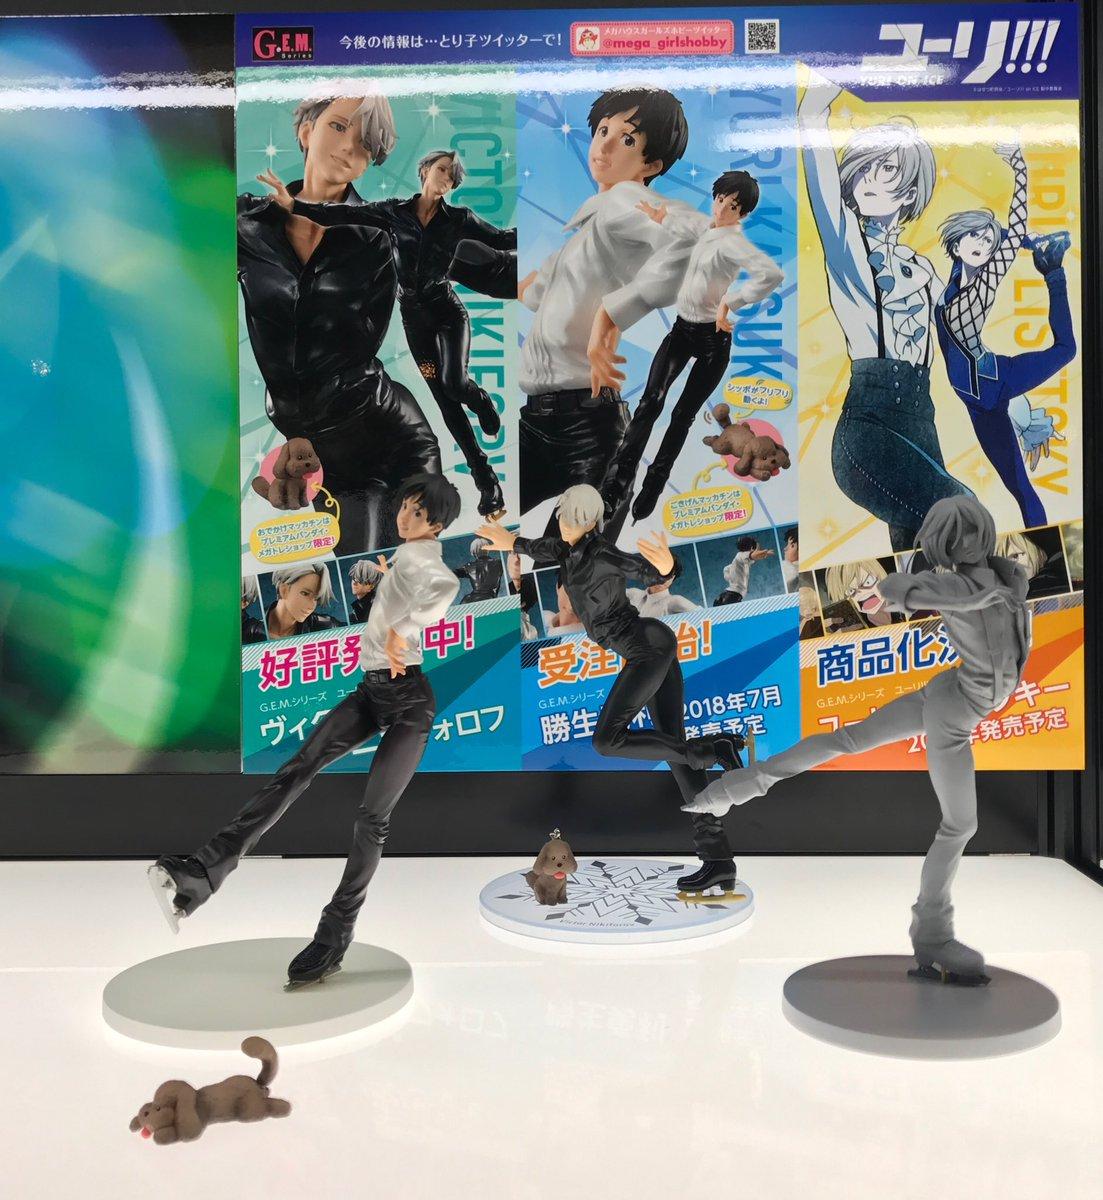 【#メガホビEXPO】速報!G.E.M.「ユーリ!!! on ICE ユーリ・プリセツキー」原型初展示!ヴィクトル、勇利と同じくOP衣装で立体化★続報は当アカで♪ #yurionice